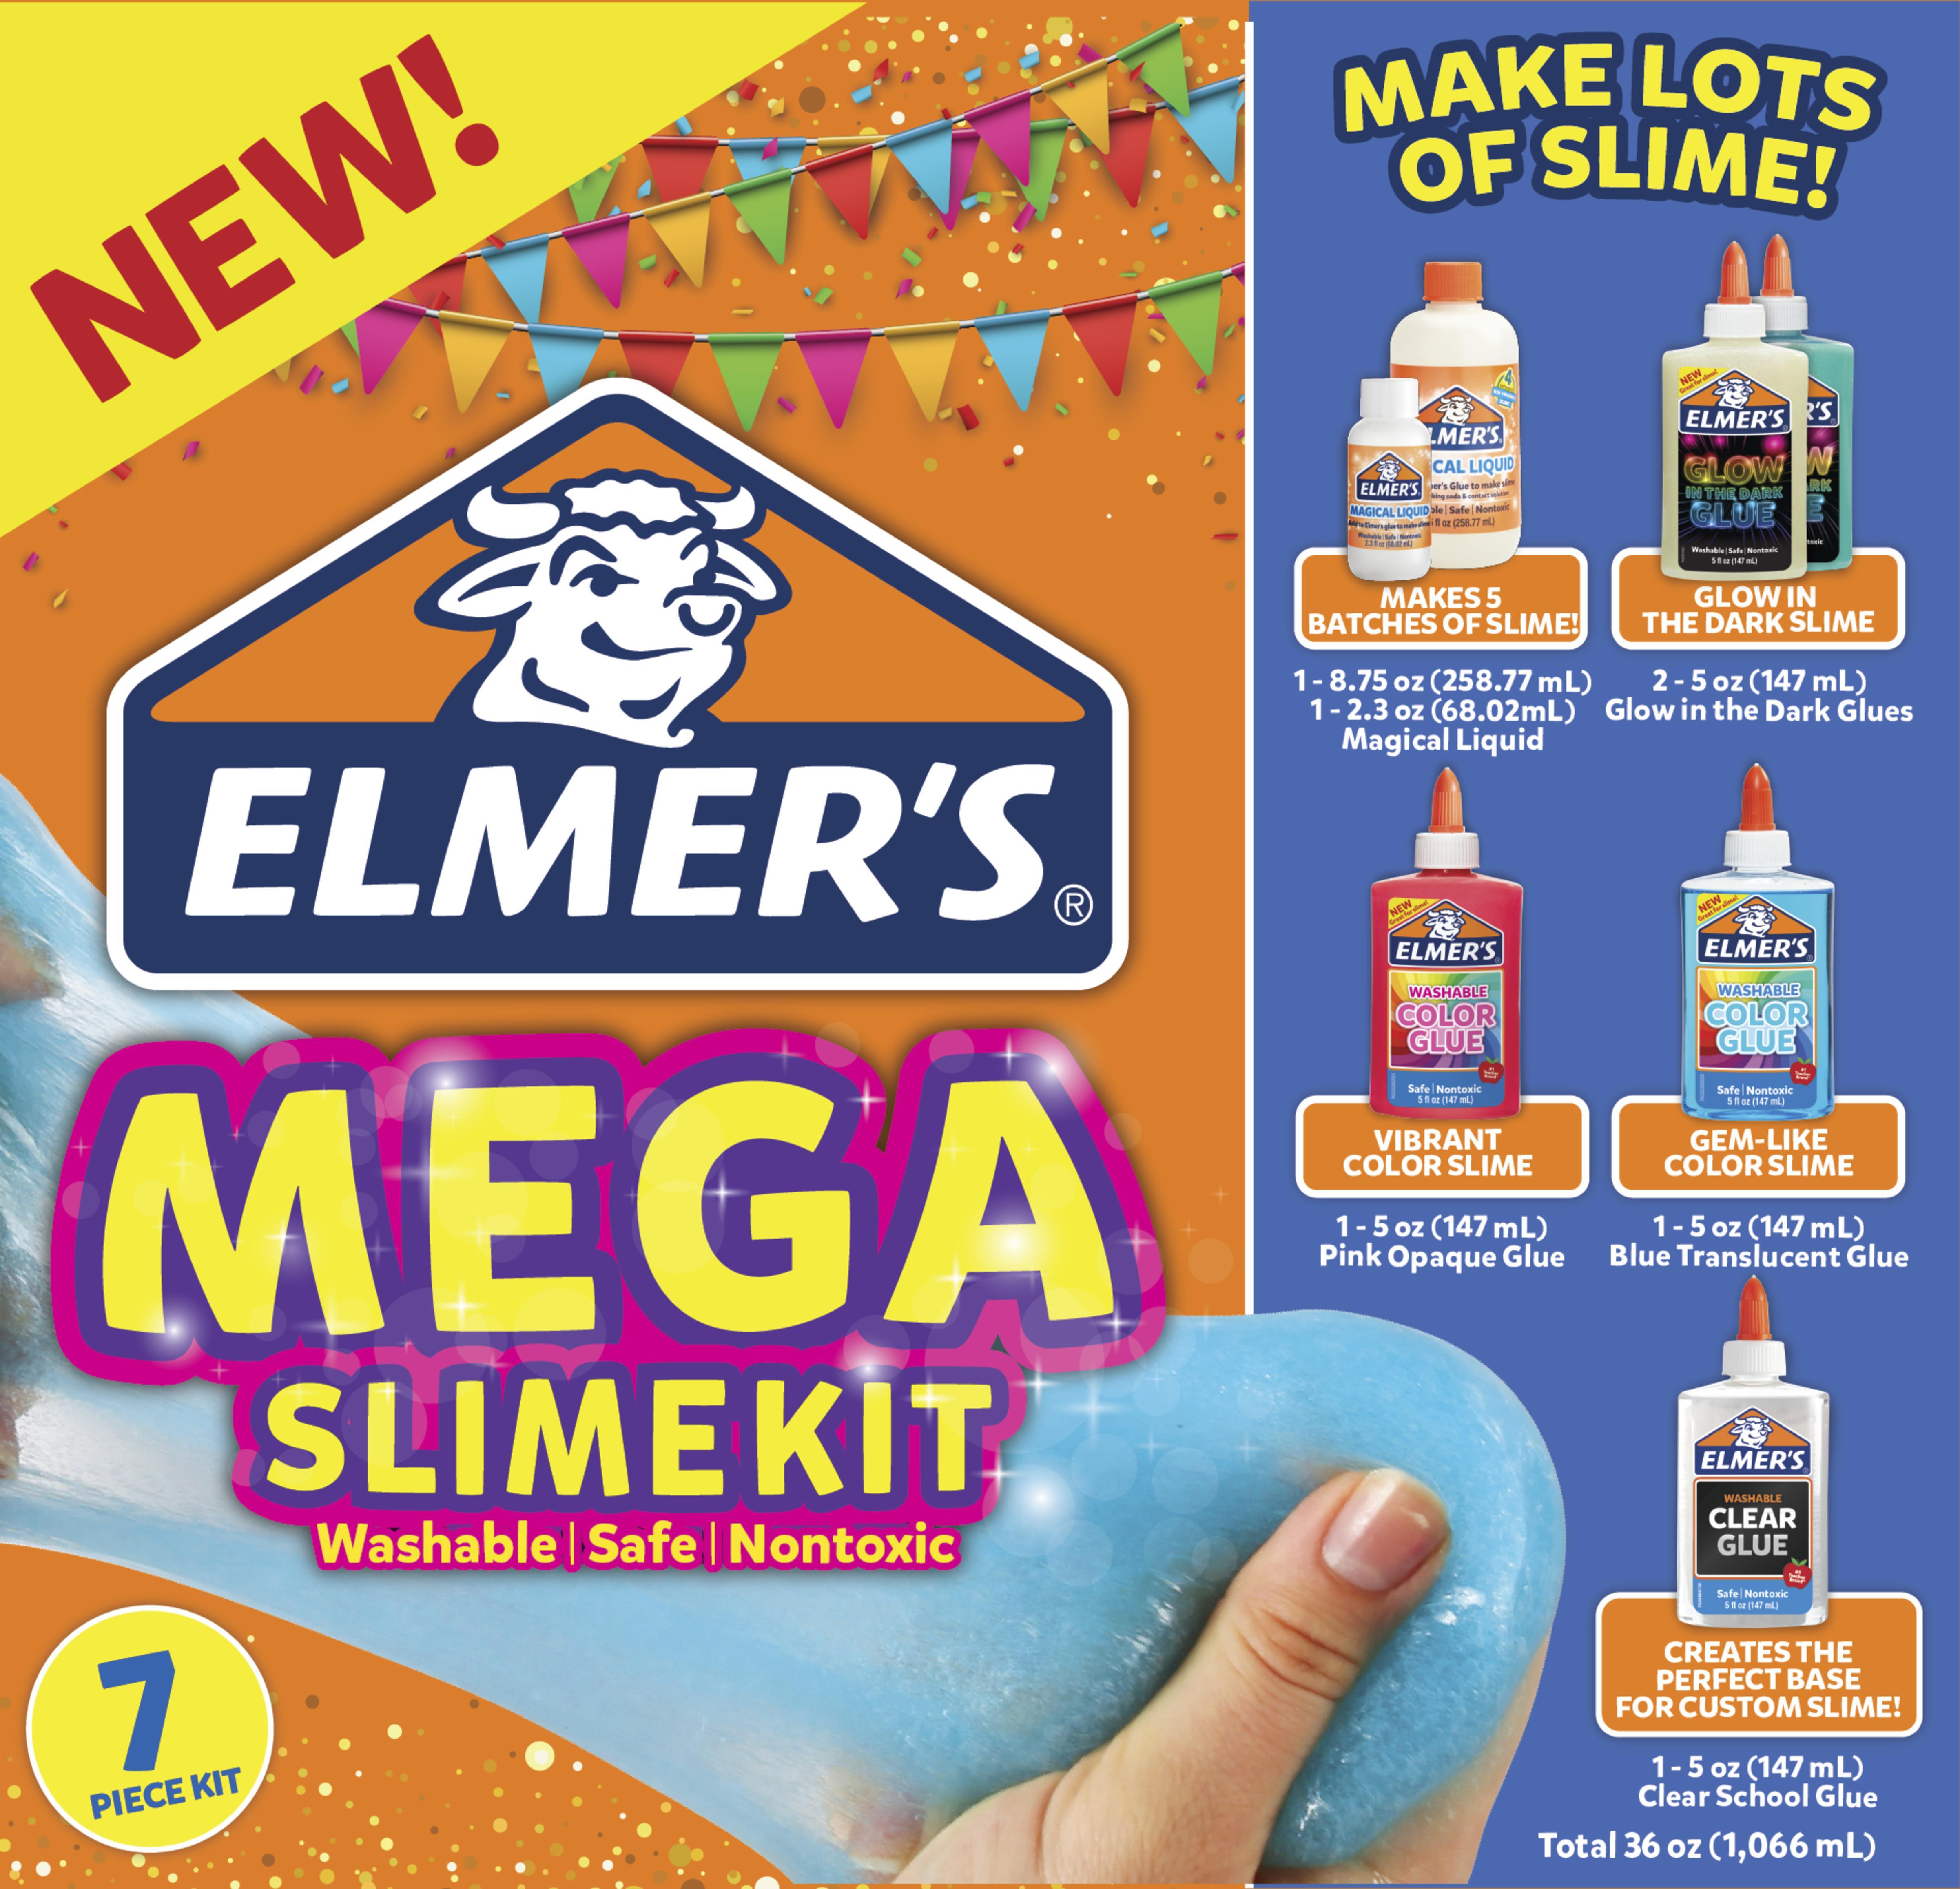 e0097bb40 How to make slime - Walmart.com